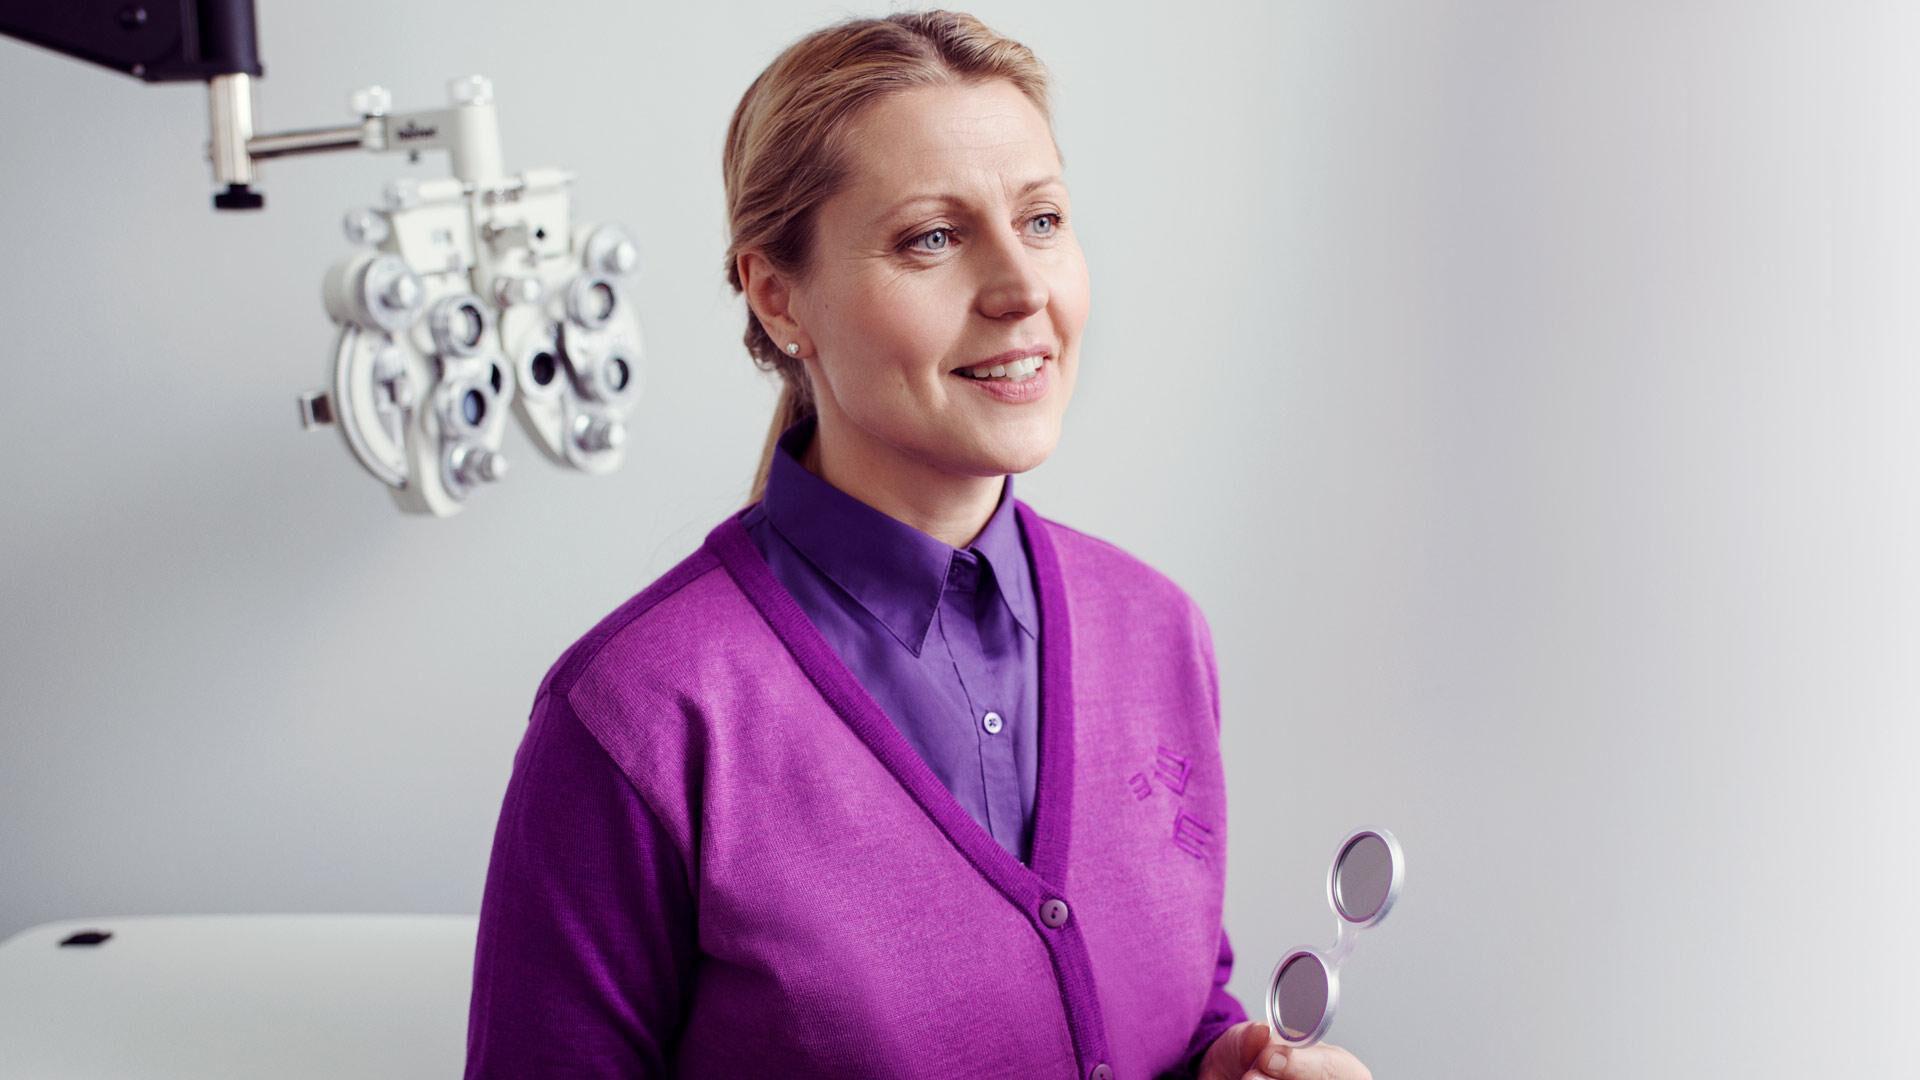 Silmän OCT-valokerroskuvaus on tarkka silmänpohjakuvaus